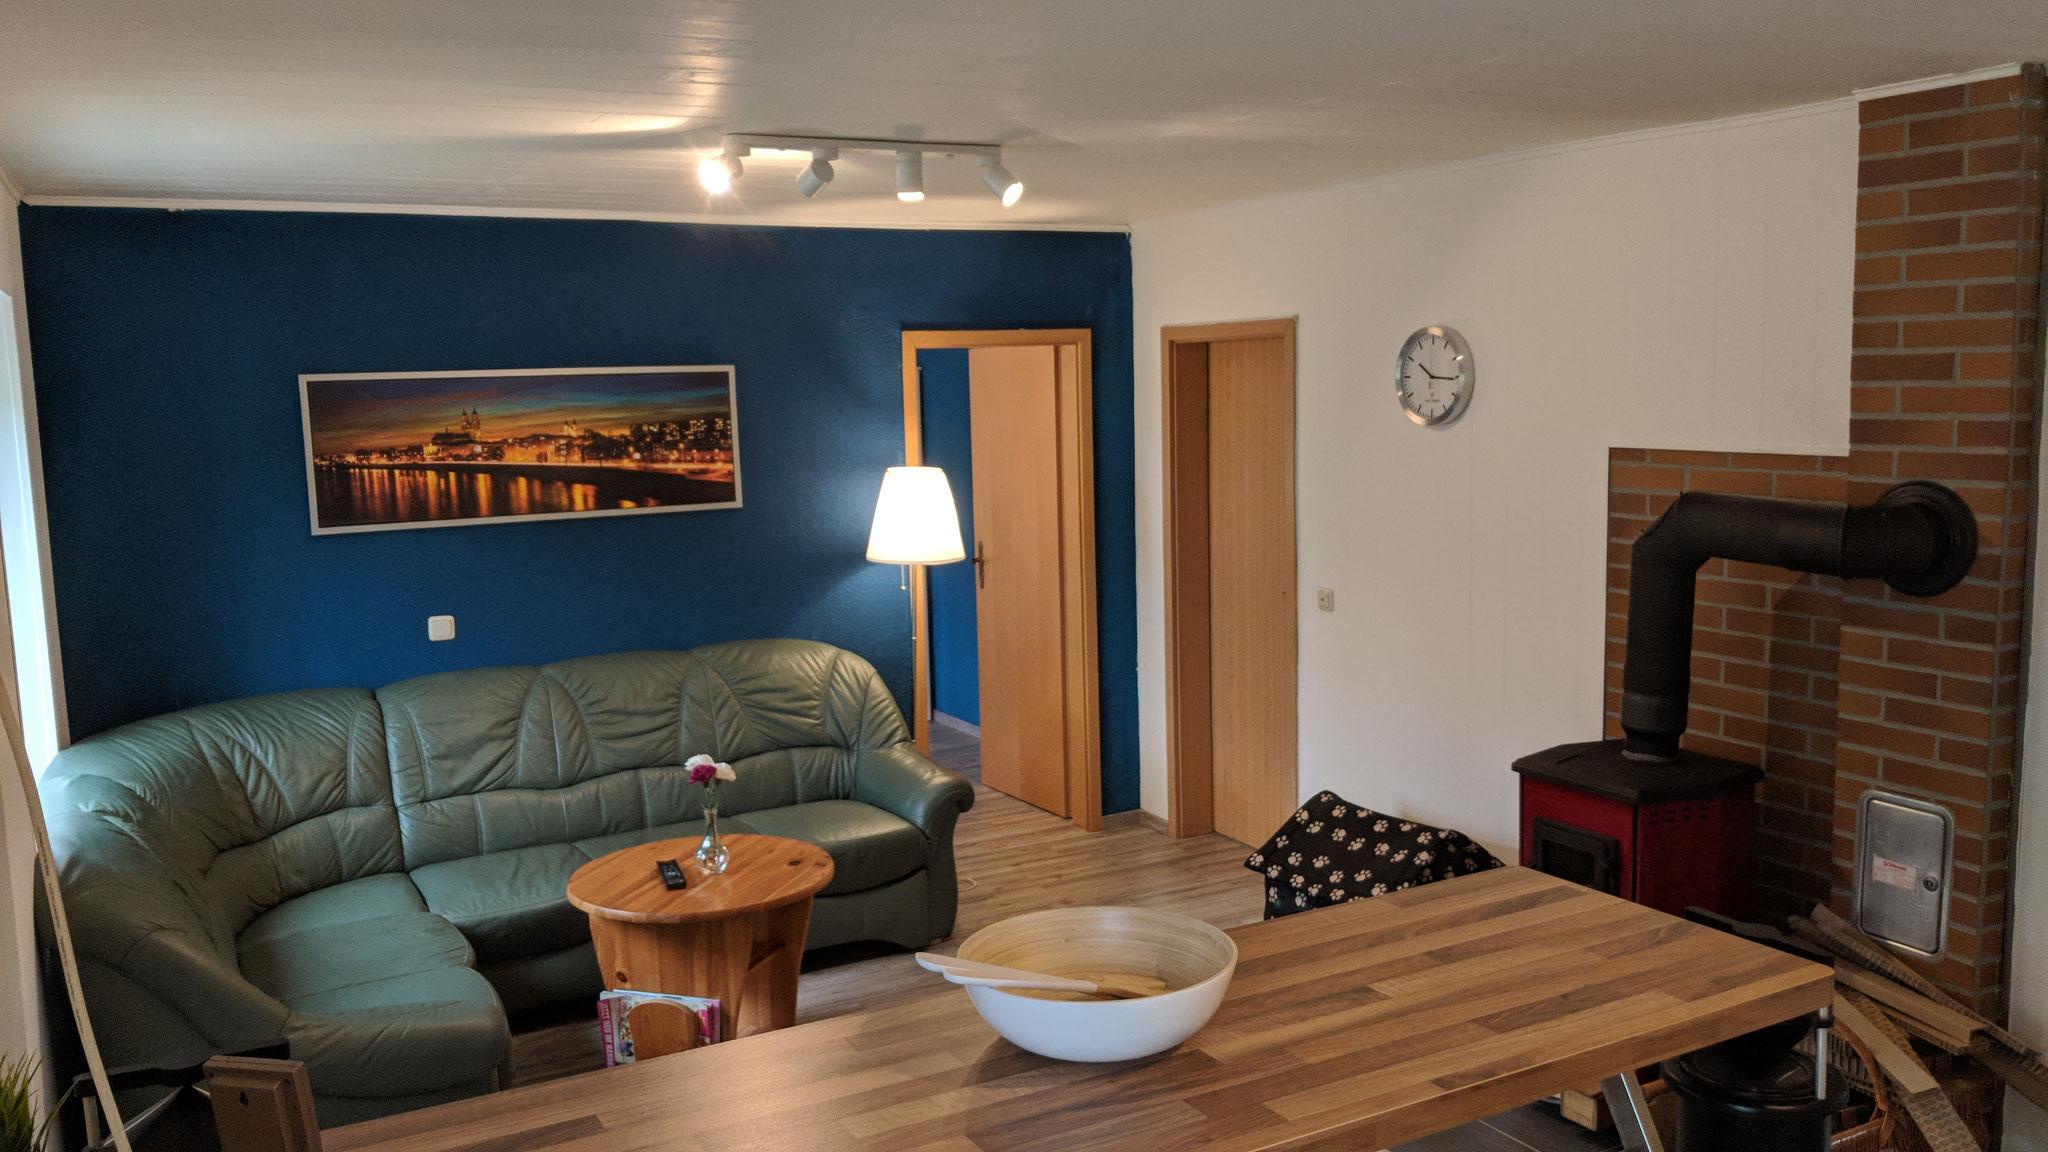 Ferienhaus Baalsee - Wohnbereich